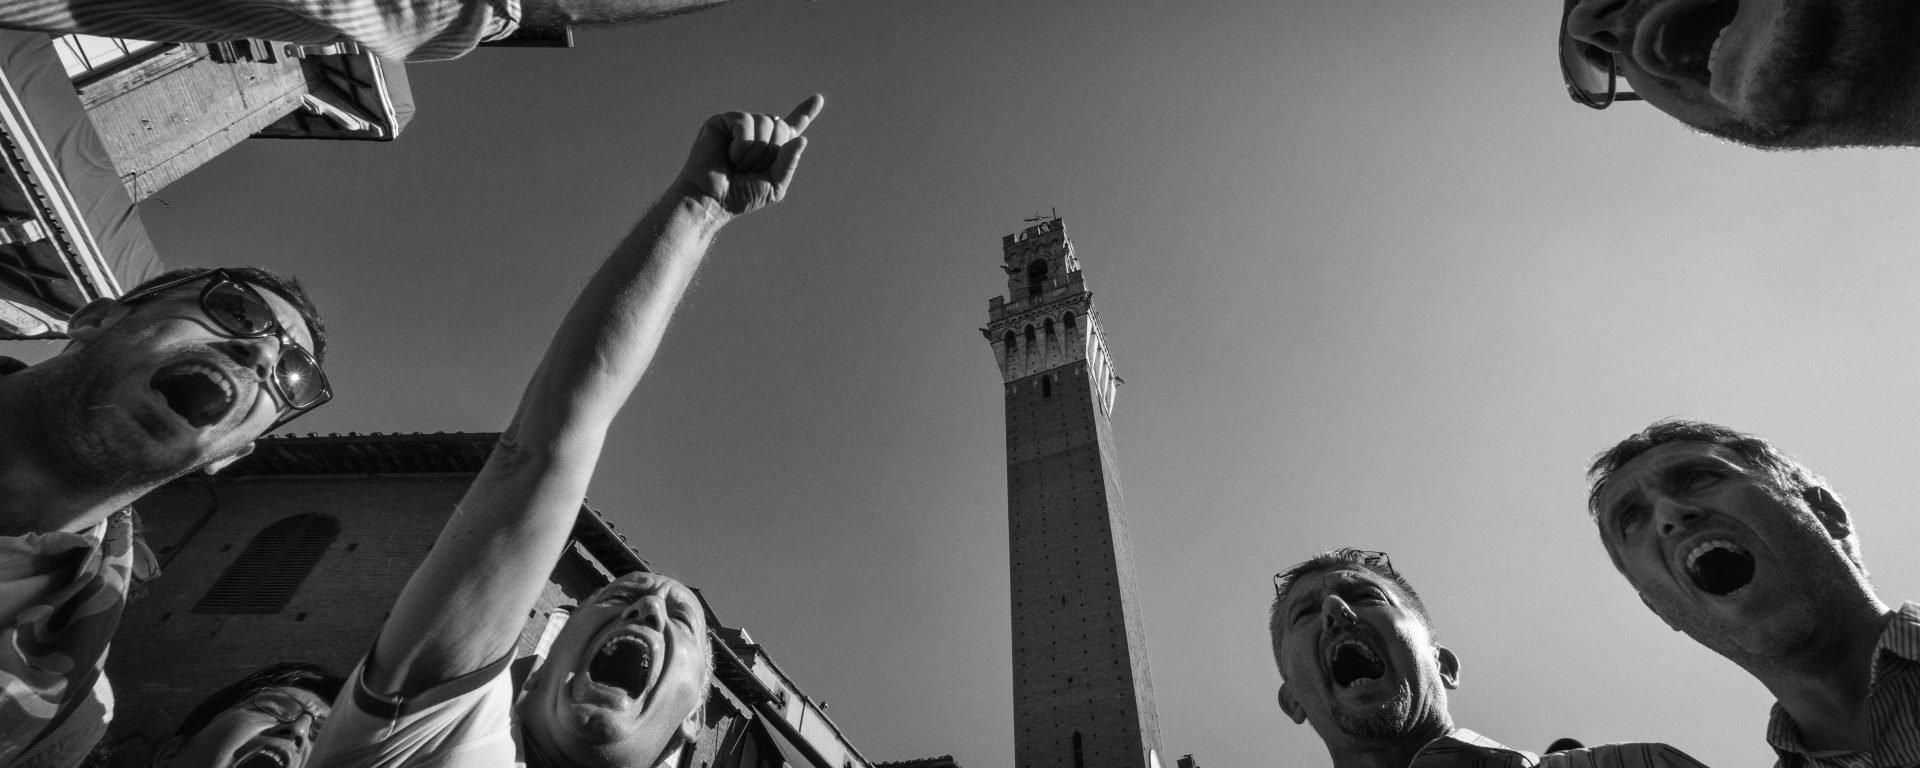 Palio! Experience Siena's Palio tradition through the lens of Luca Venturi